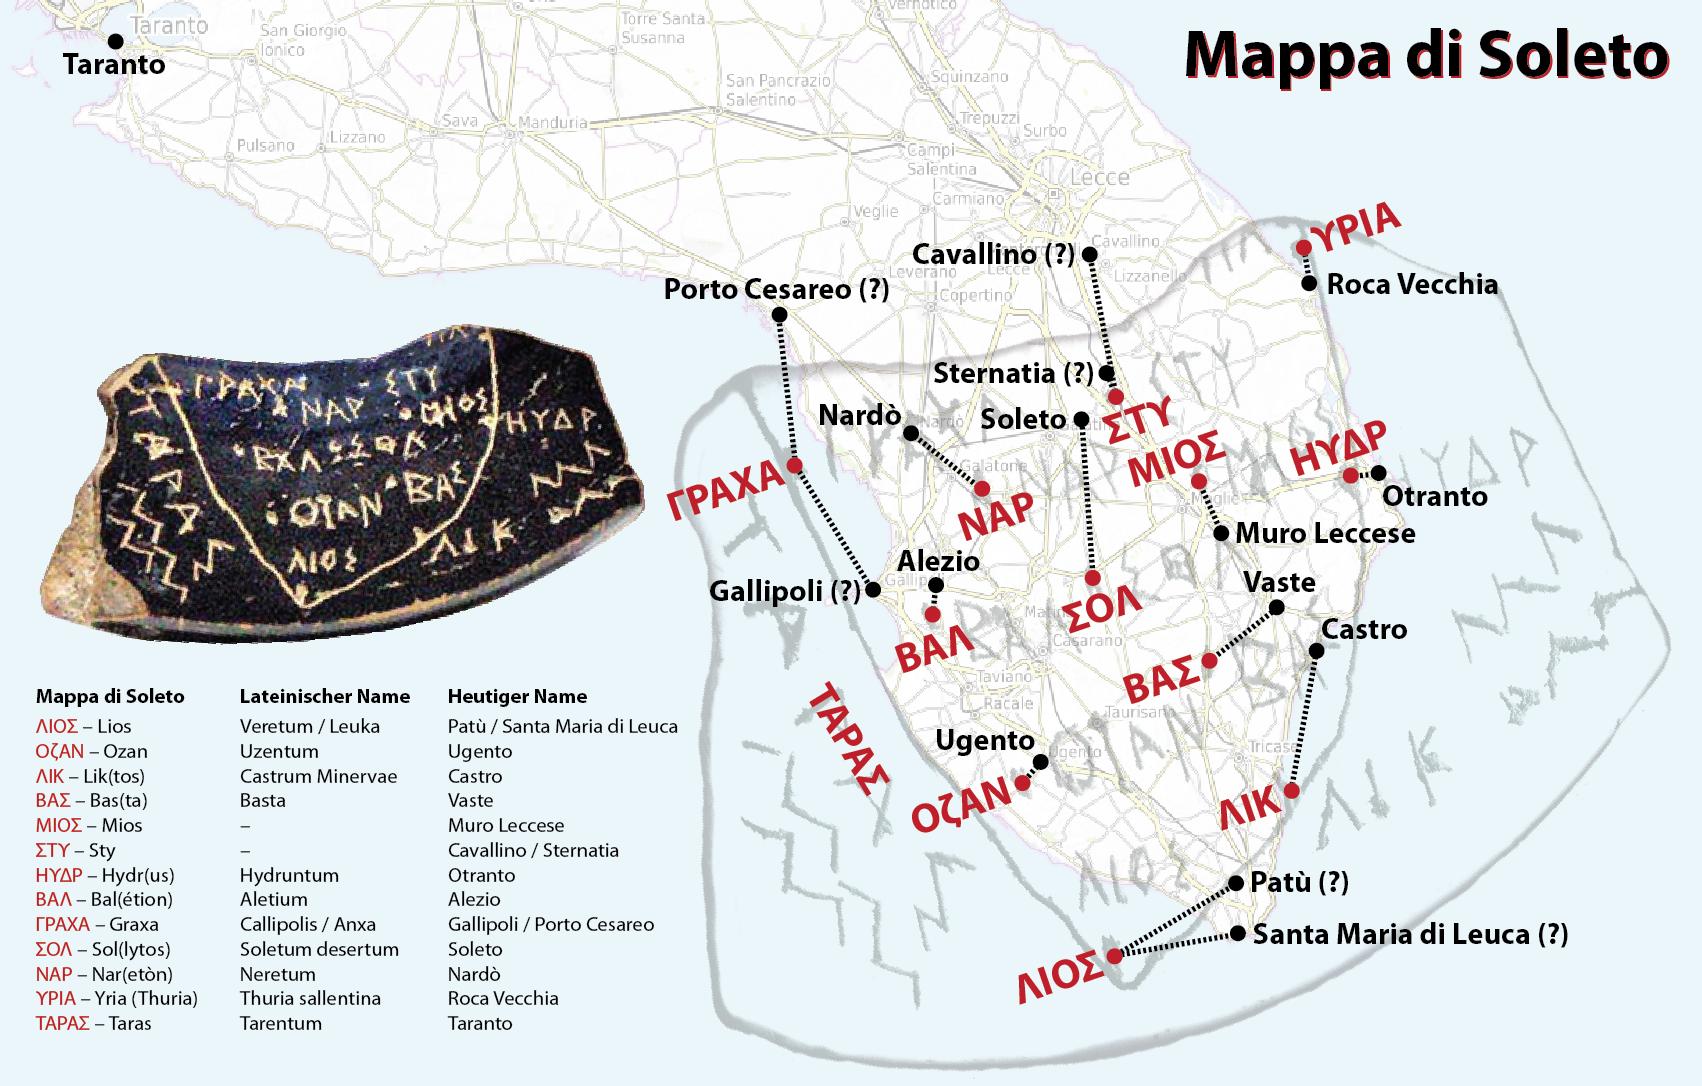 Mappa_di_Soleto – ostrakon – Laterradipuglia.it